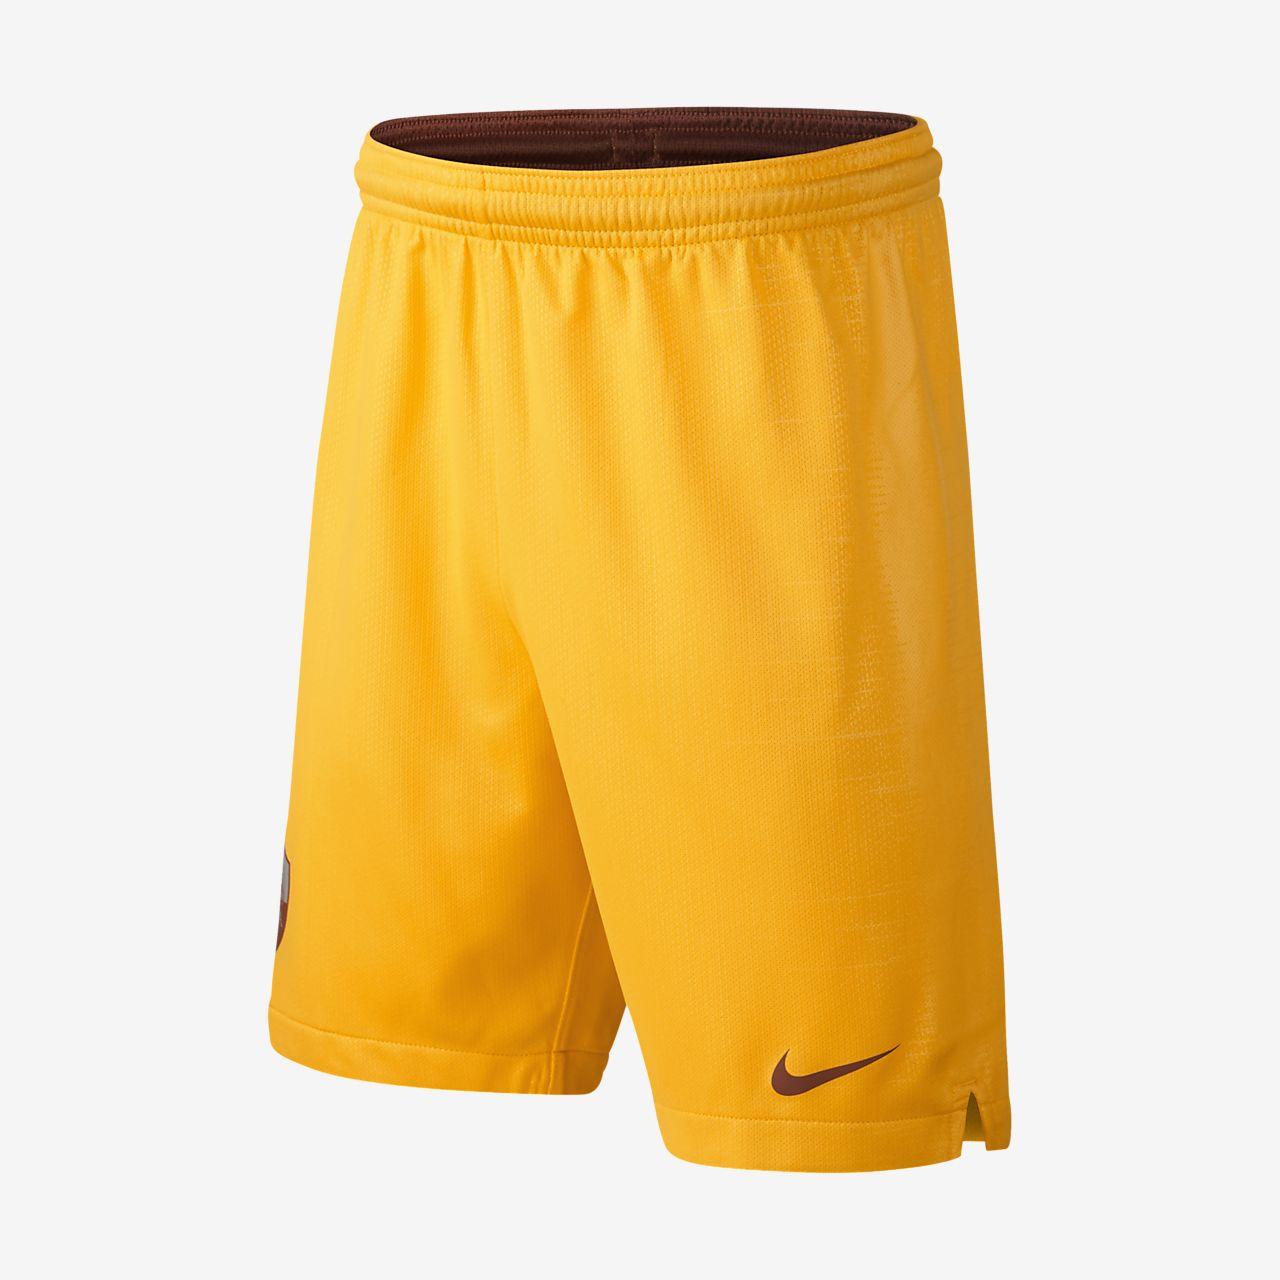 Футбольные шорты для школьников 2018/19 A.S. Roma Stadium Third